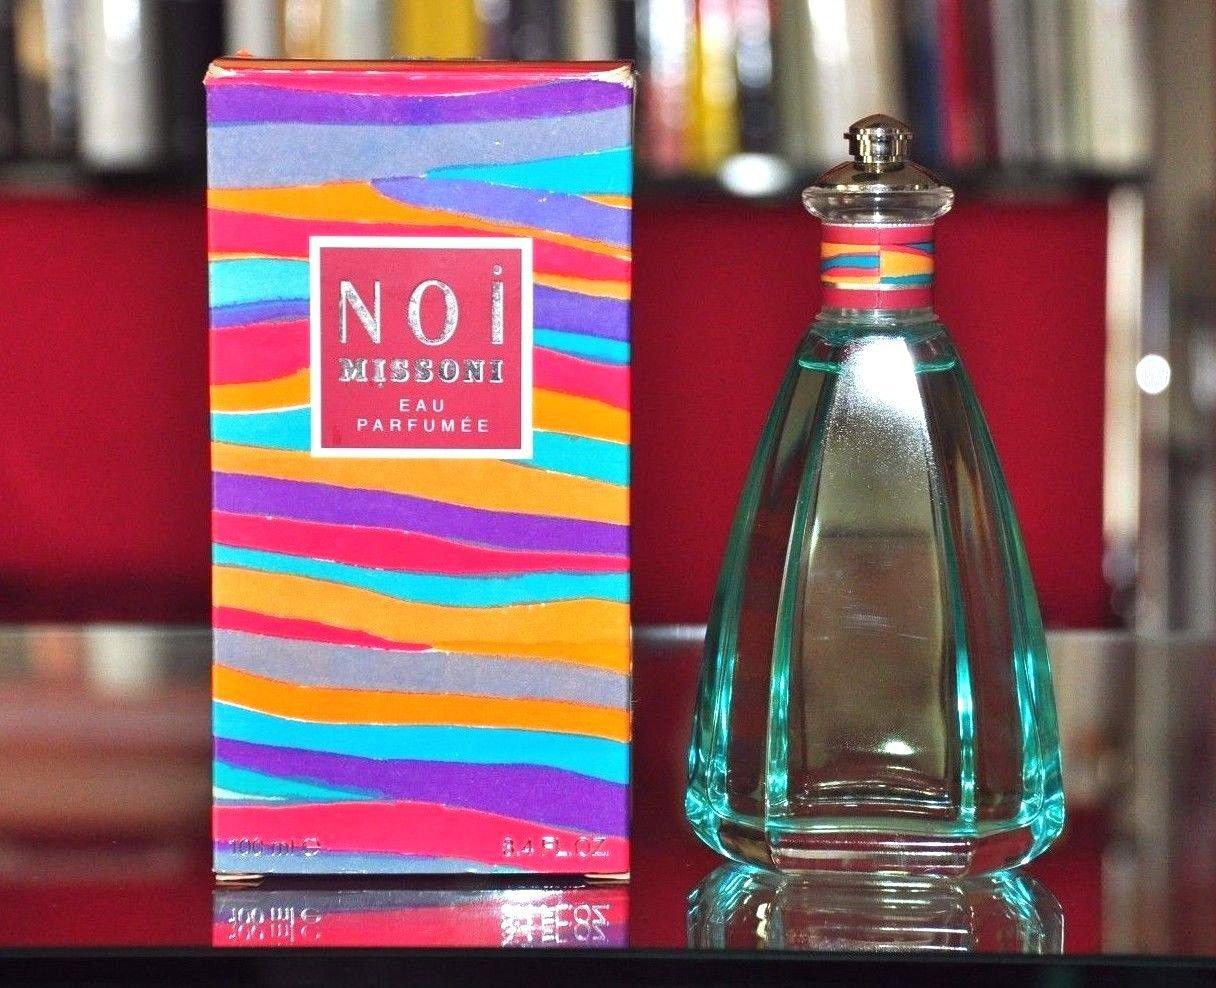 Missoni Noi Eau Parfumee 100ML 3.4 Fl. Oz. No Vapo Woman Rare Vintage Old 1993